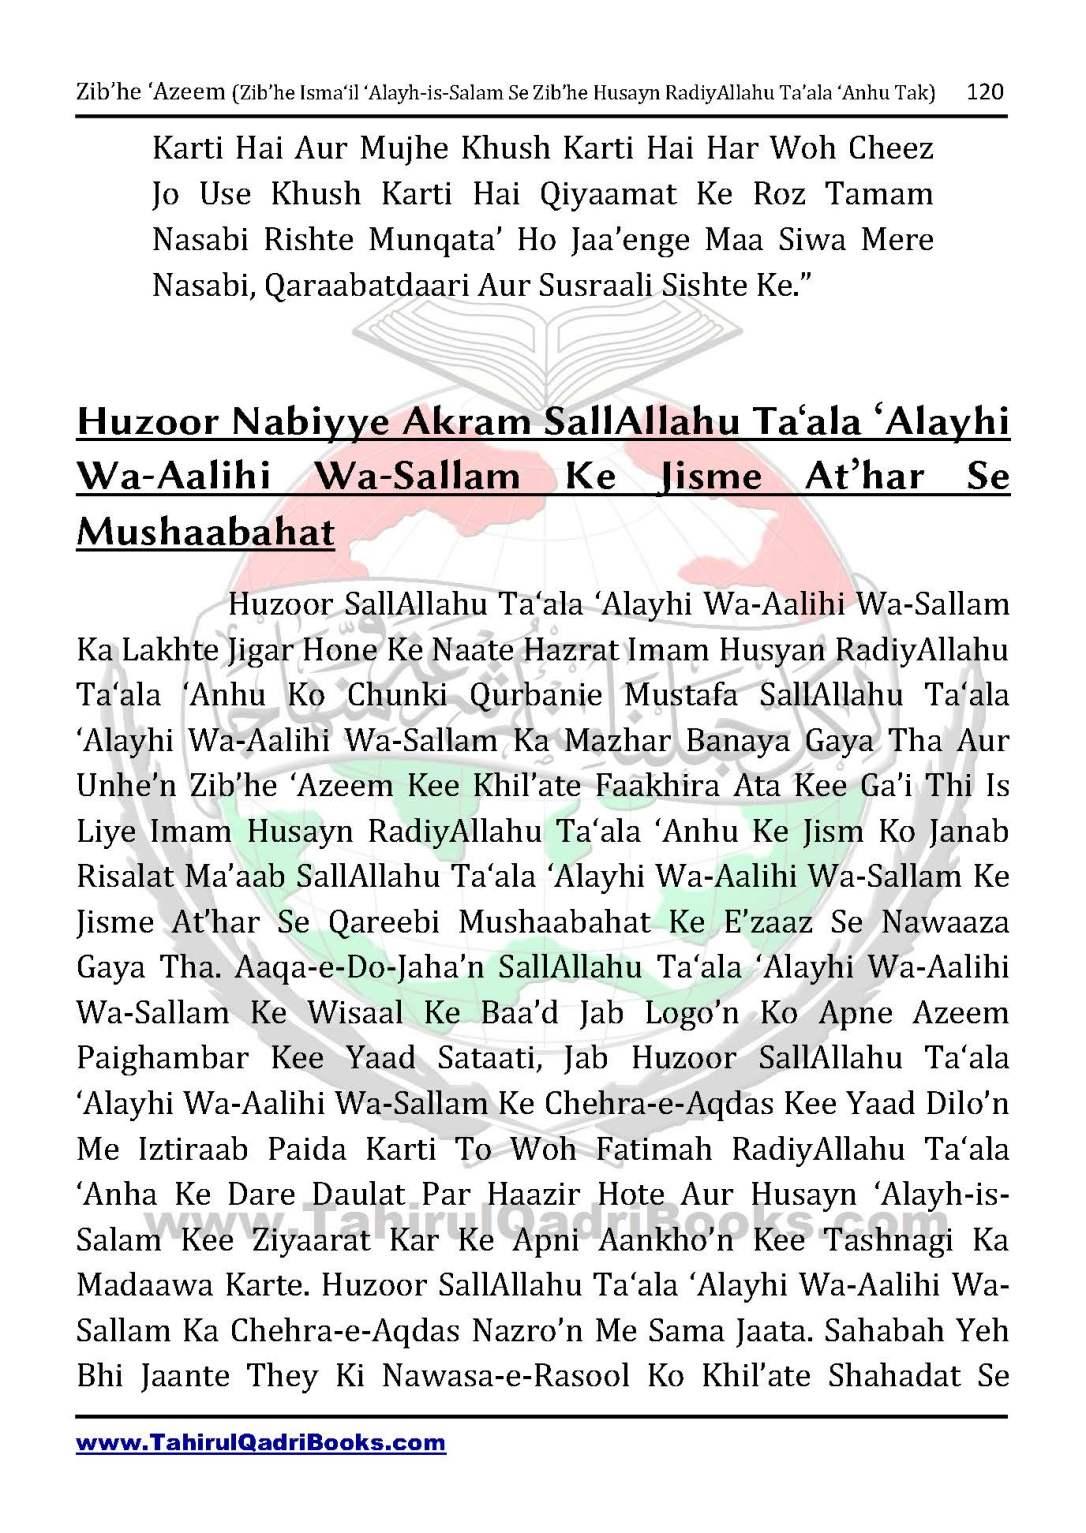 zib_he-e28098azeem-zib_he-ismacabbil-se-zib_he-husayn-tak-in-roman-urdu-unlocked_Page_120